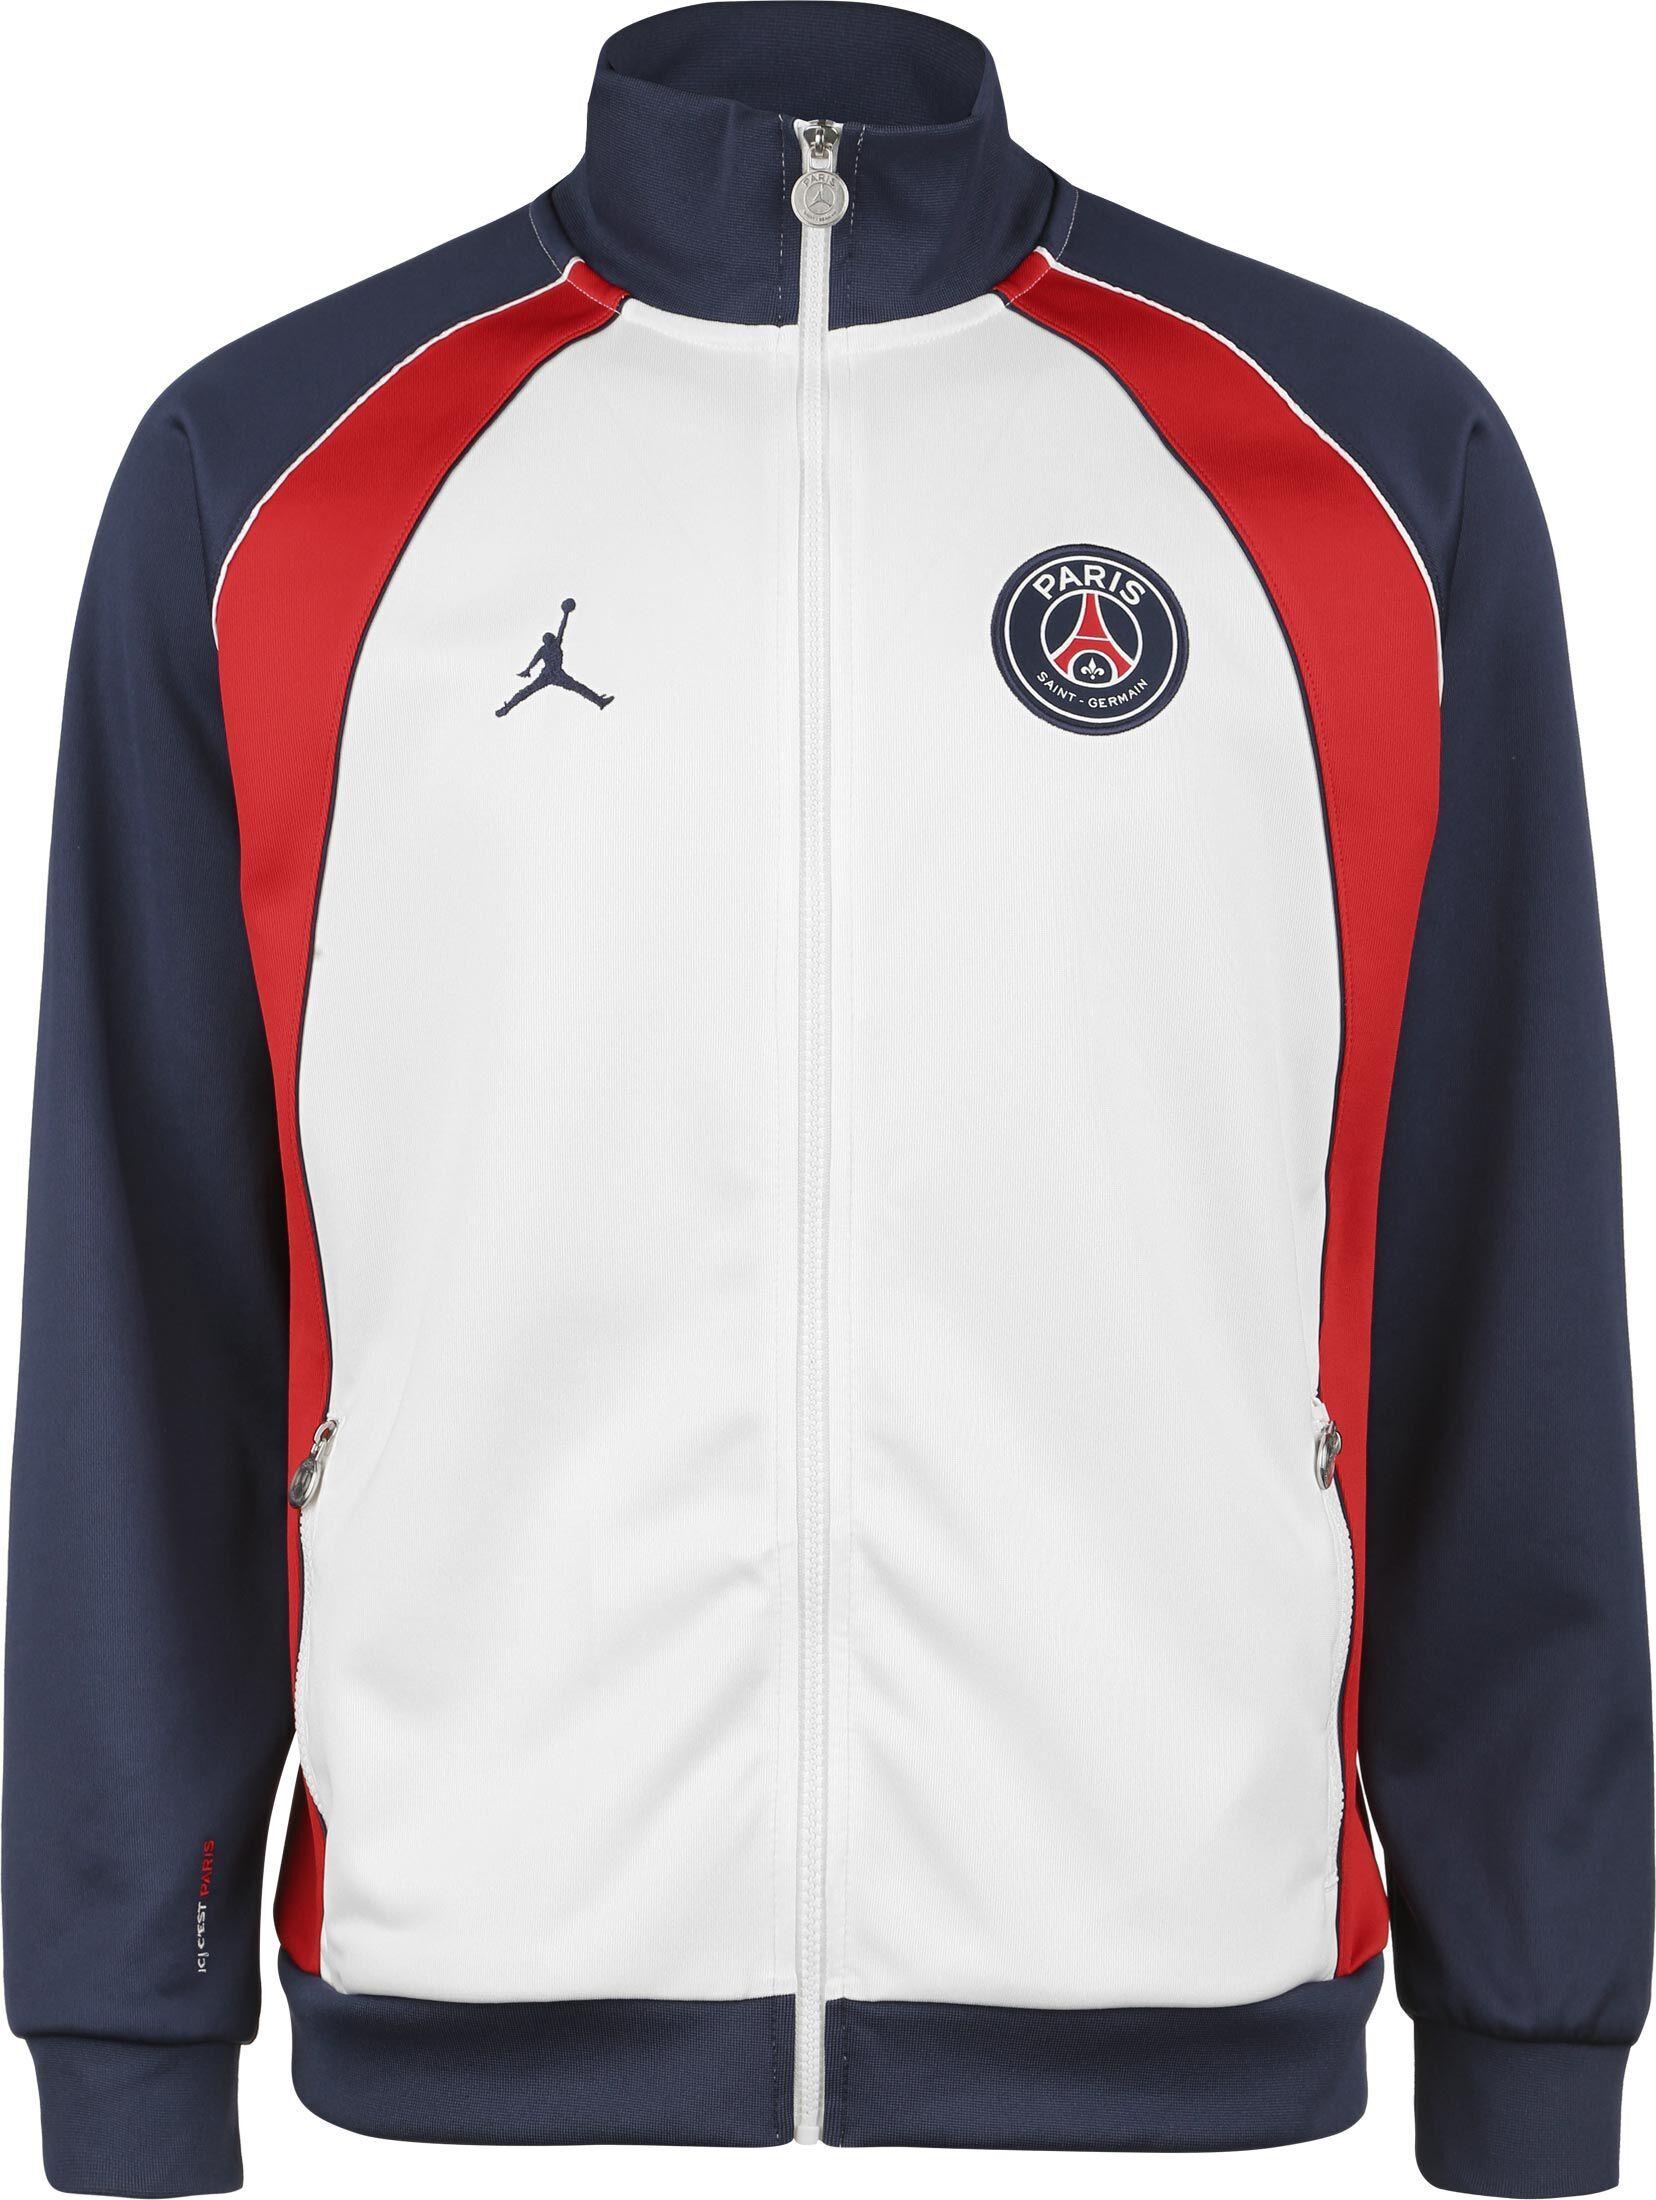 Jordan Paris Saint-Germain, taille S, homme, blanc bleu rouge